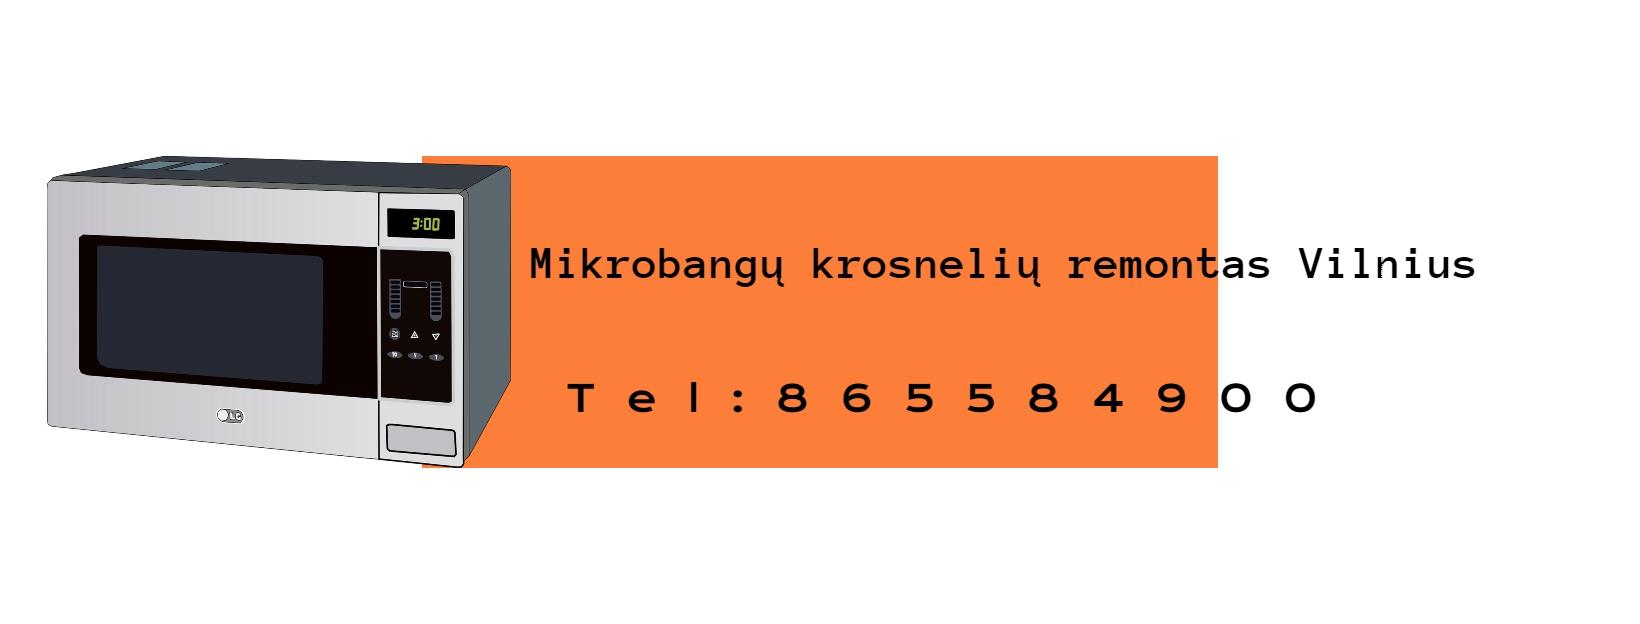 Mikrobangų krosnelių remontas Vilnius.jpg